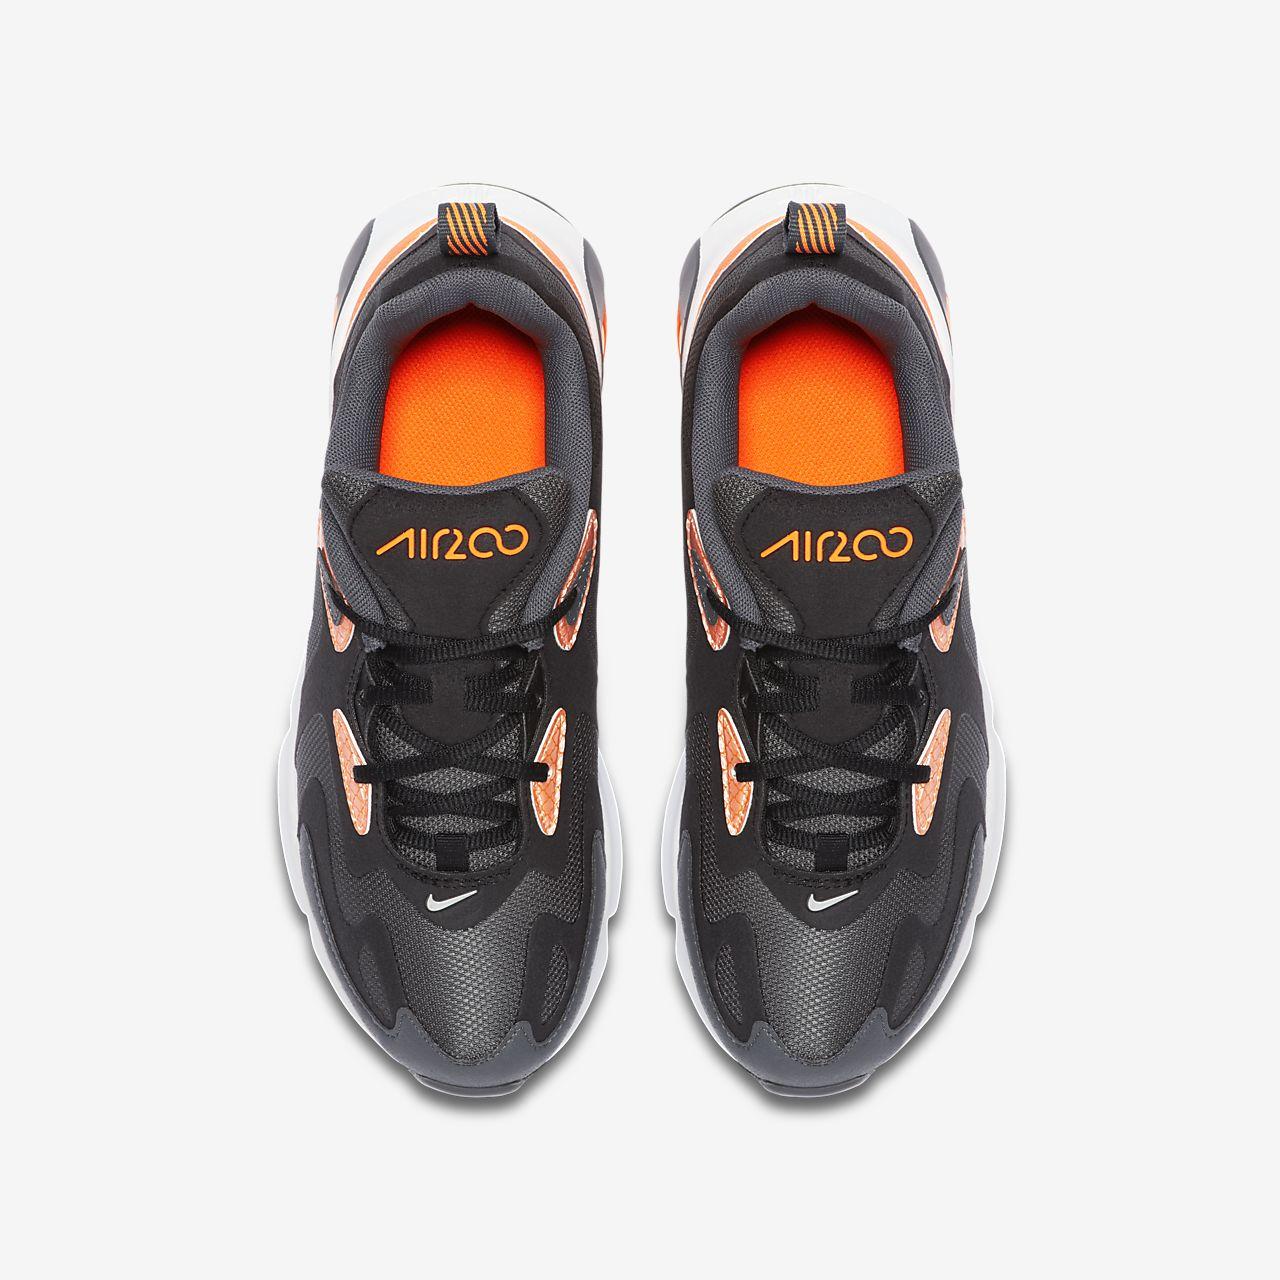 Nike Air Max 200 Winterschuh für ältere Kinder